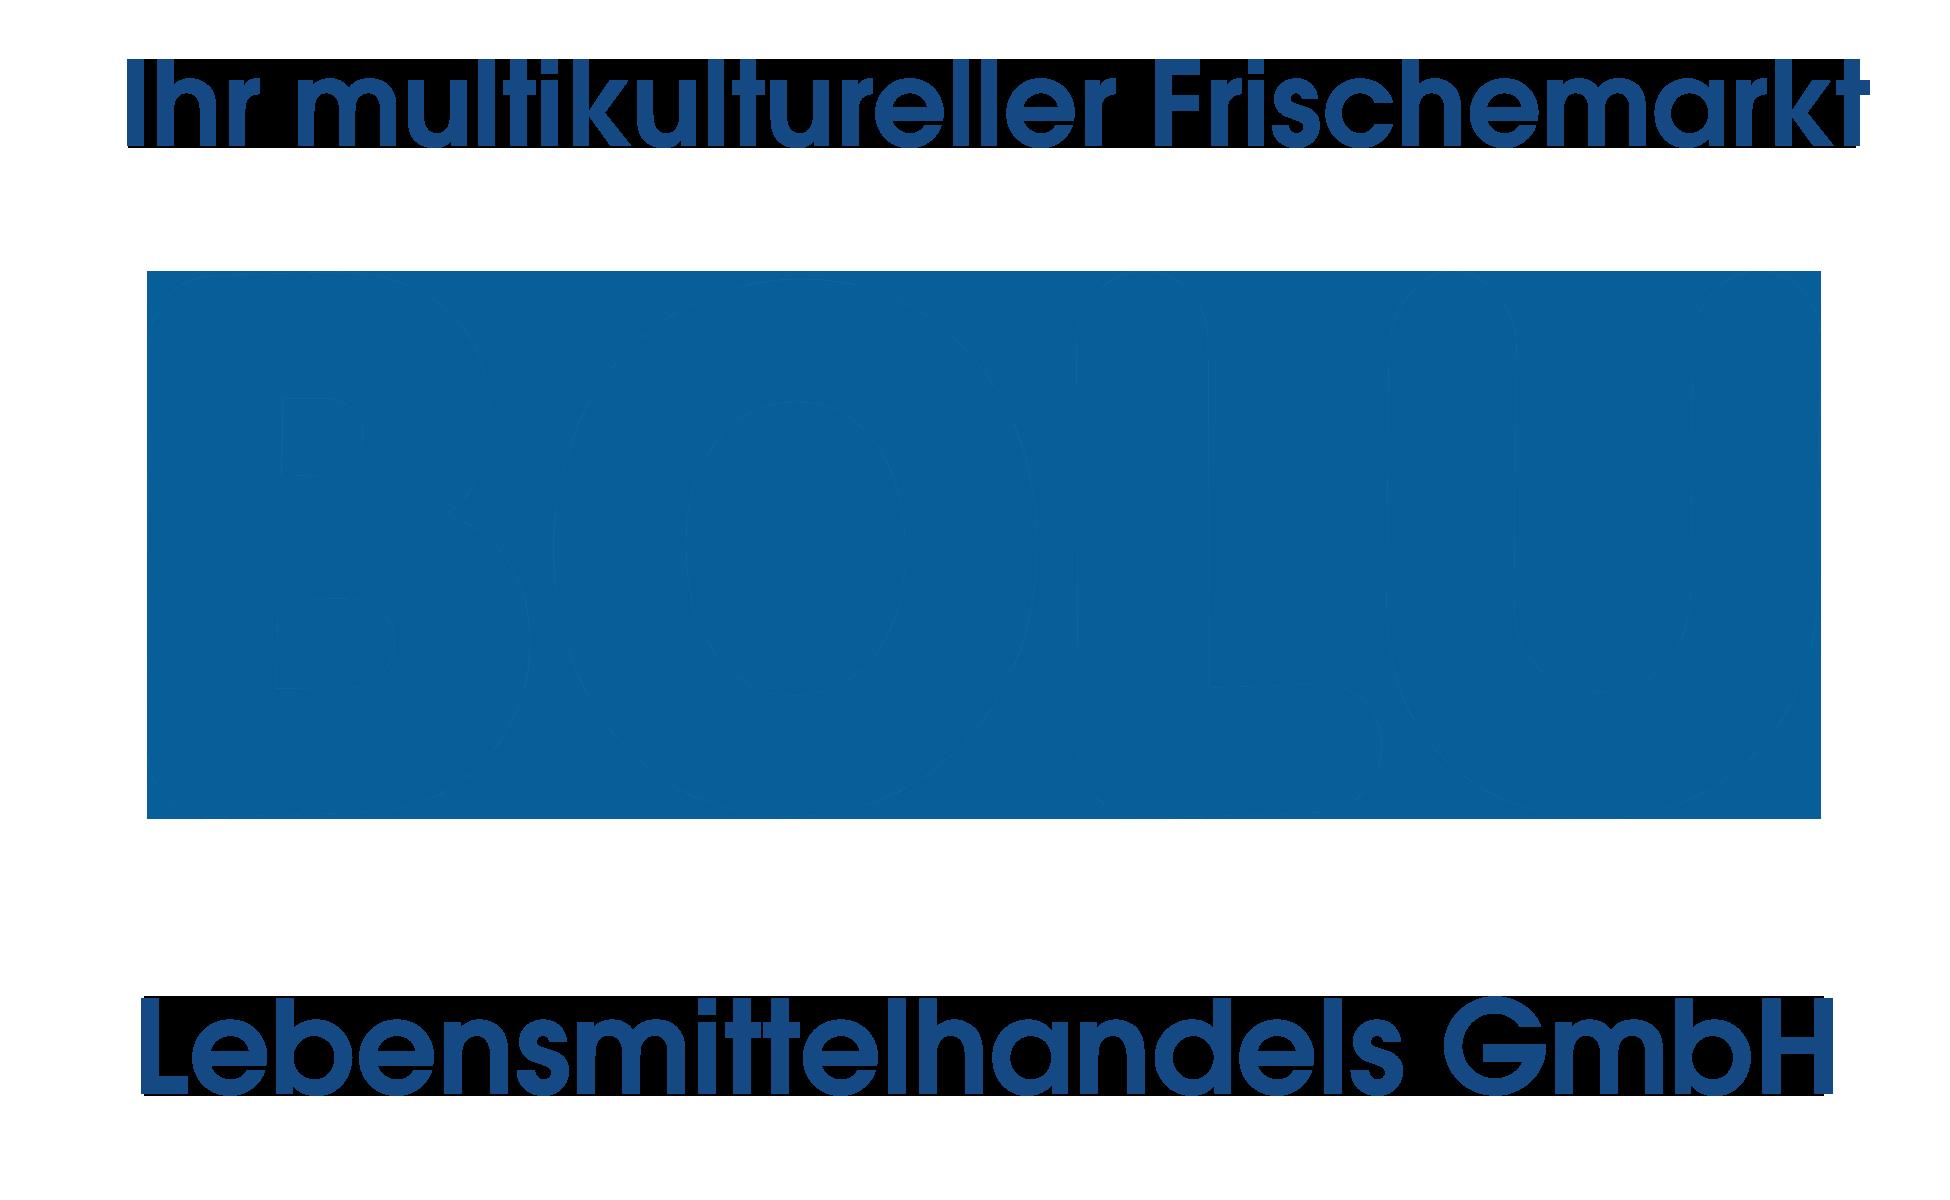 Bolu Lebensmittelgroßhandel GmbH